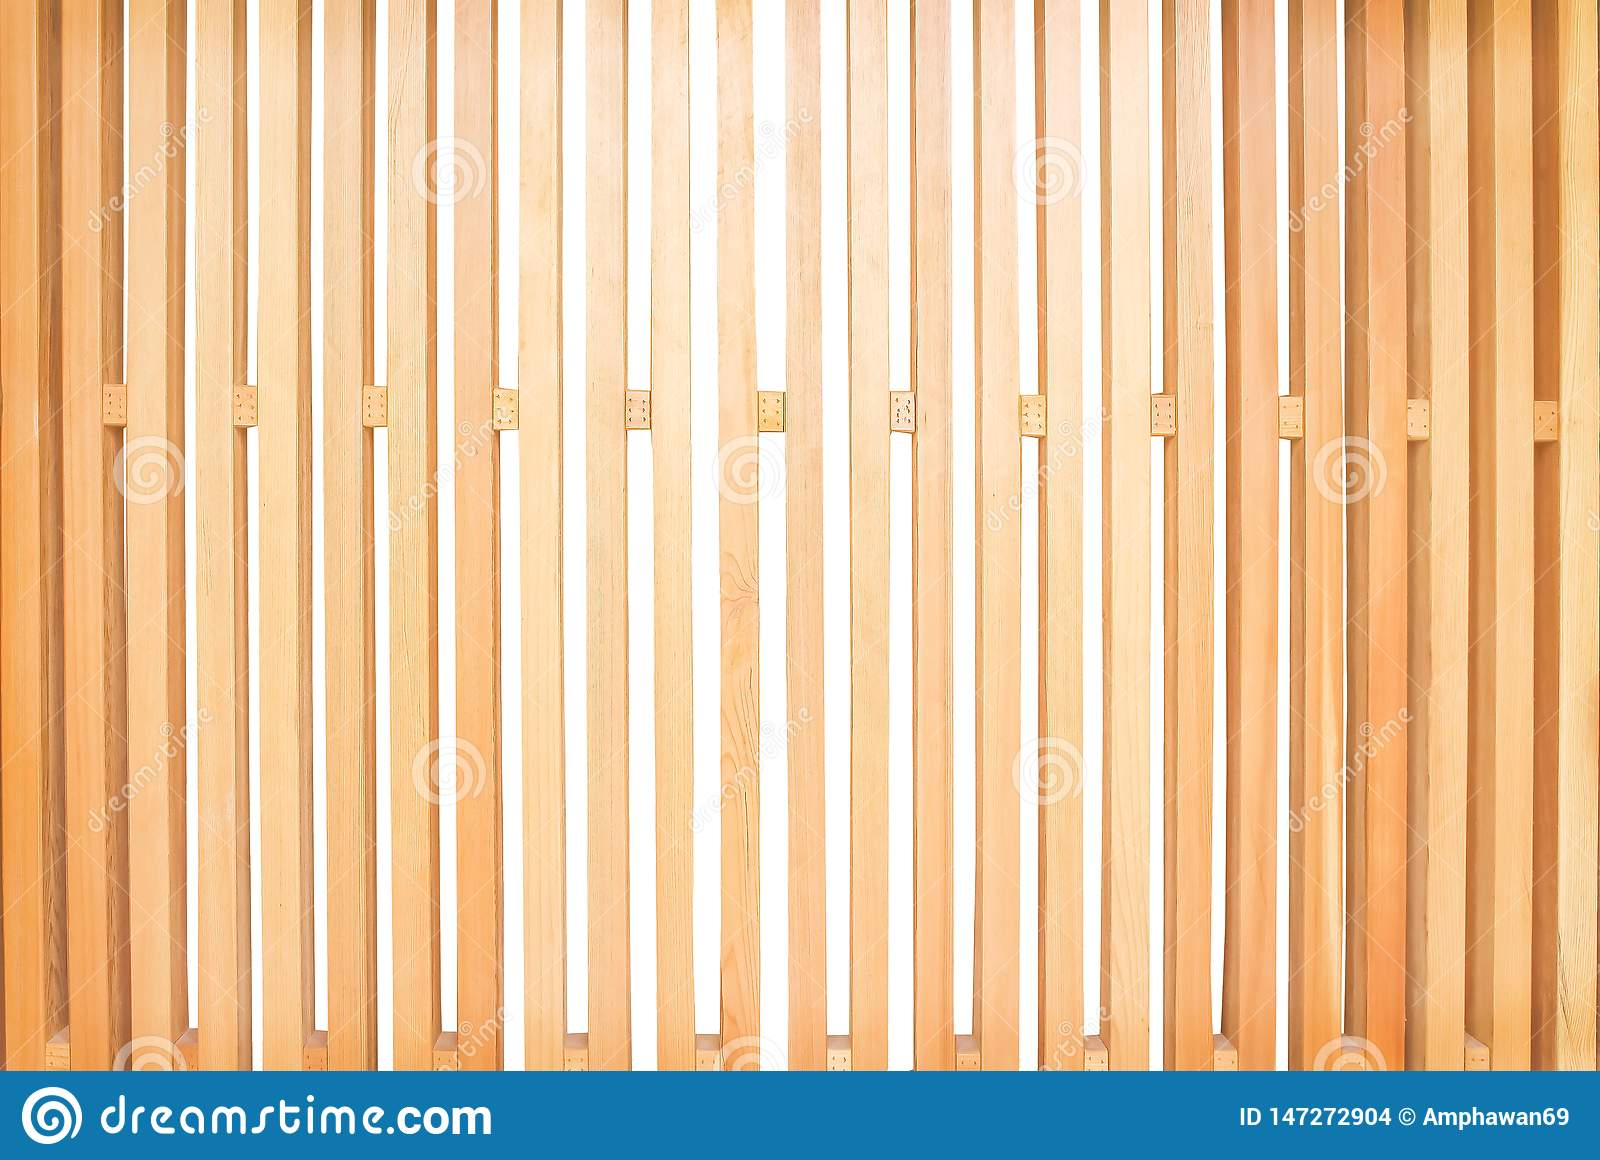 Русая деревянная загородка с картинами пустого пространства чередуя в вертикали сформировала изолированный на белой предпосылке